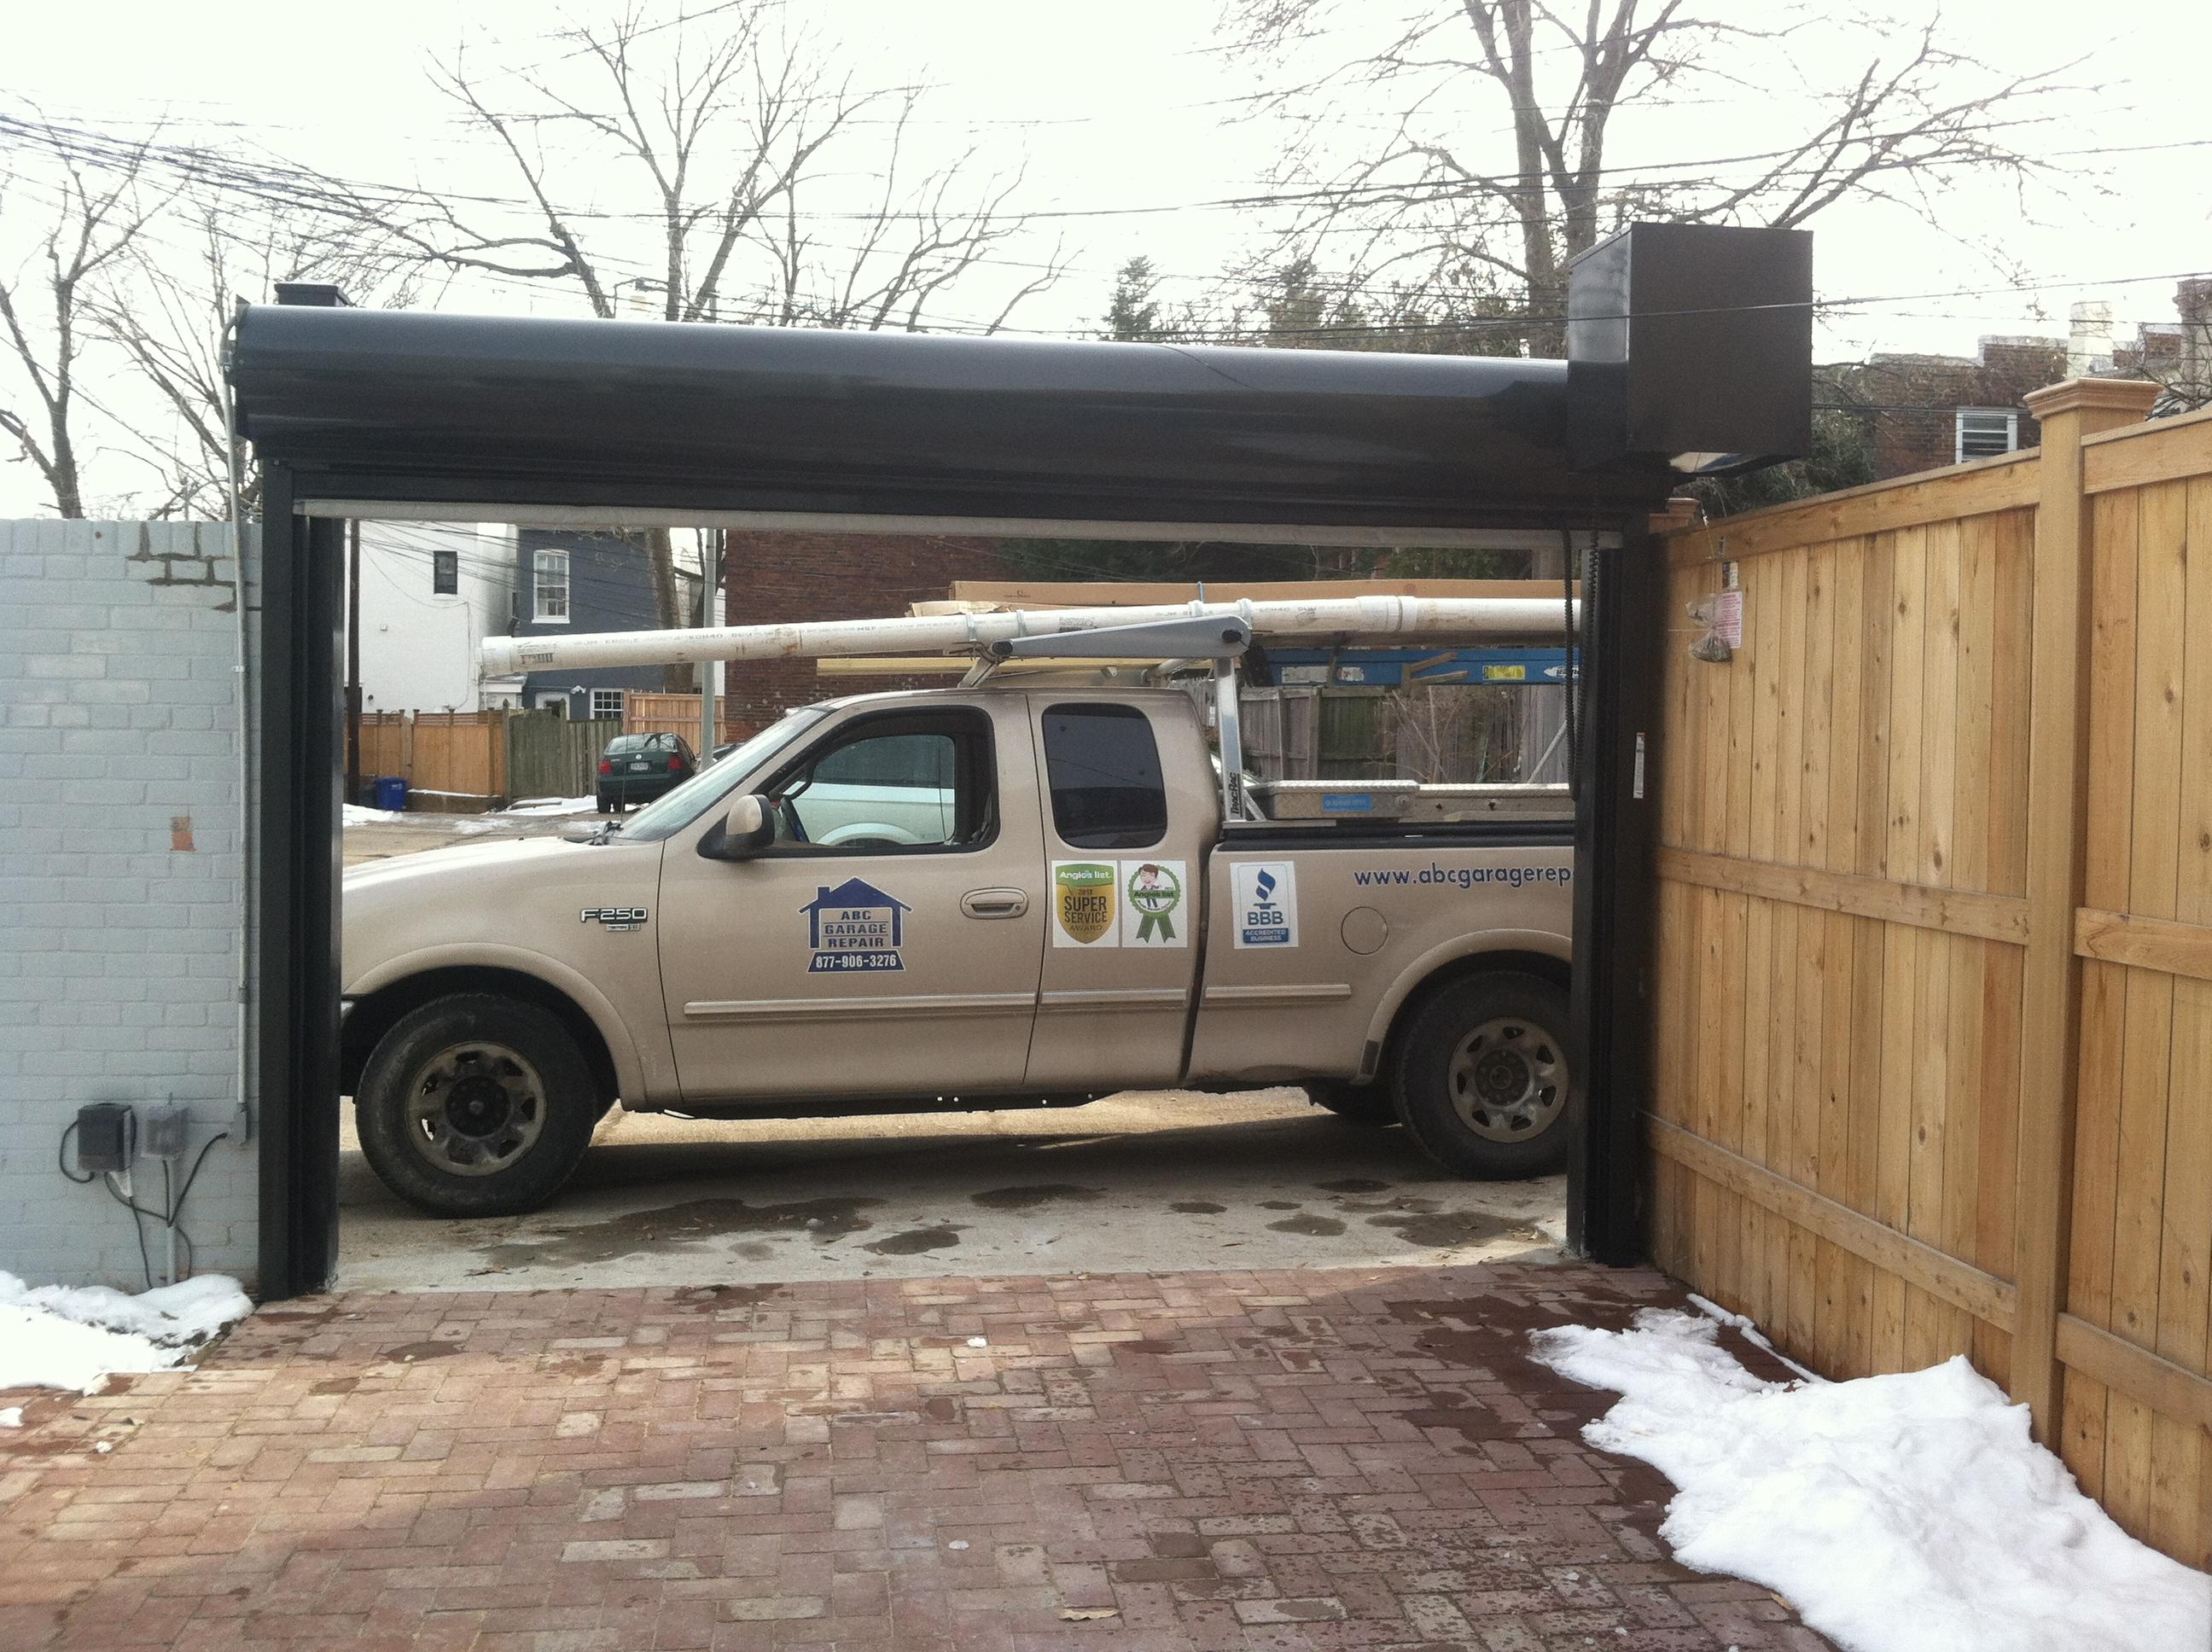 1936 #836748 ABC Garage Door Repair Coupons Rockville MD Near Me 8coupons picture/photo Garage Doors Near Me 37392592